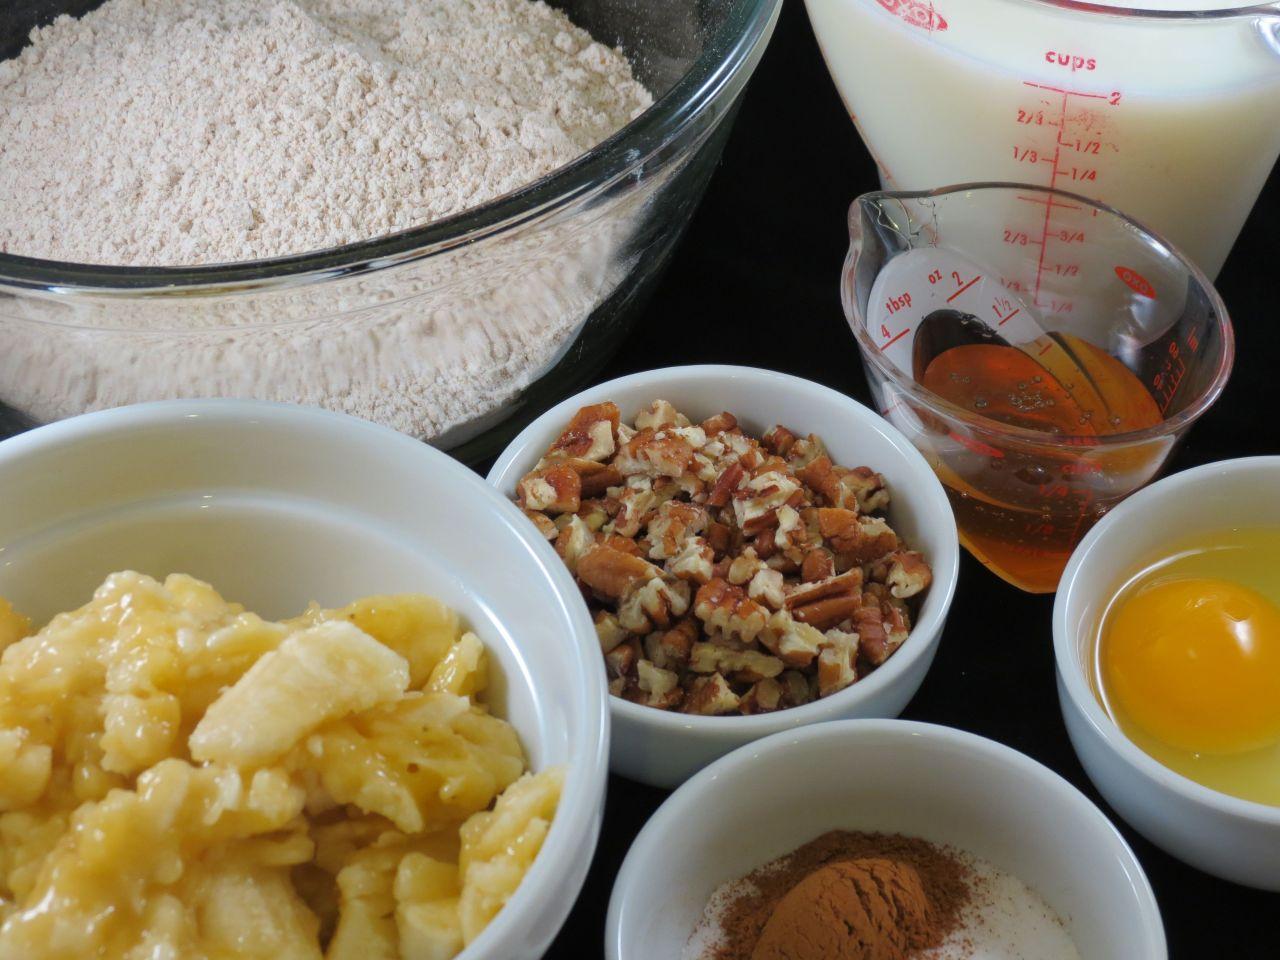 Banana Pecan Pancakes Ingredients